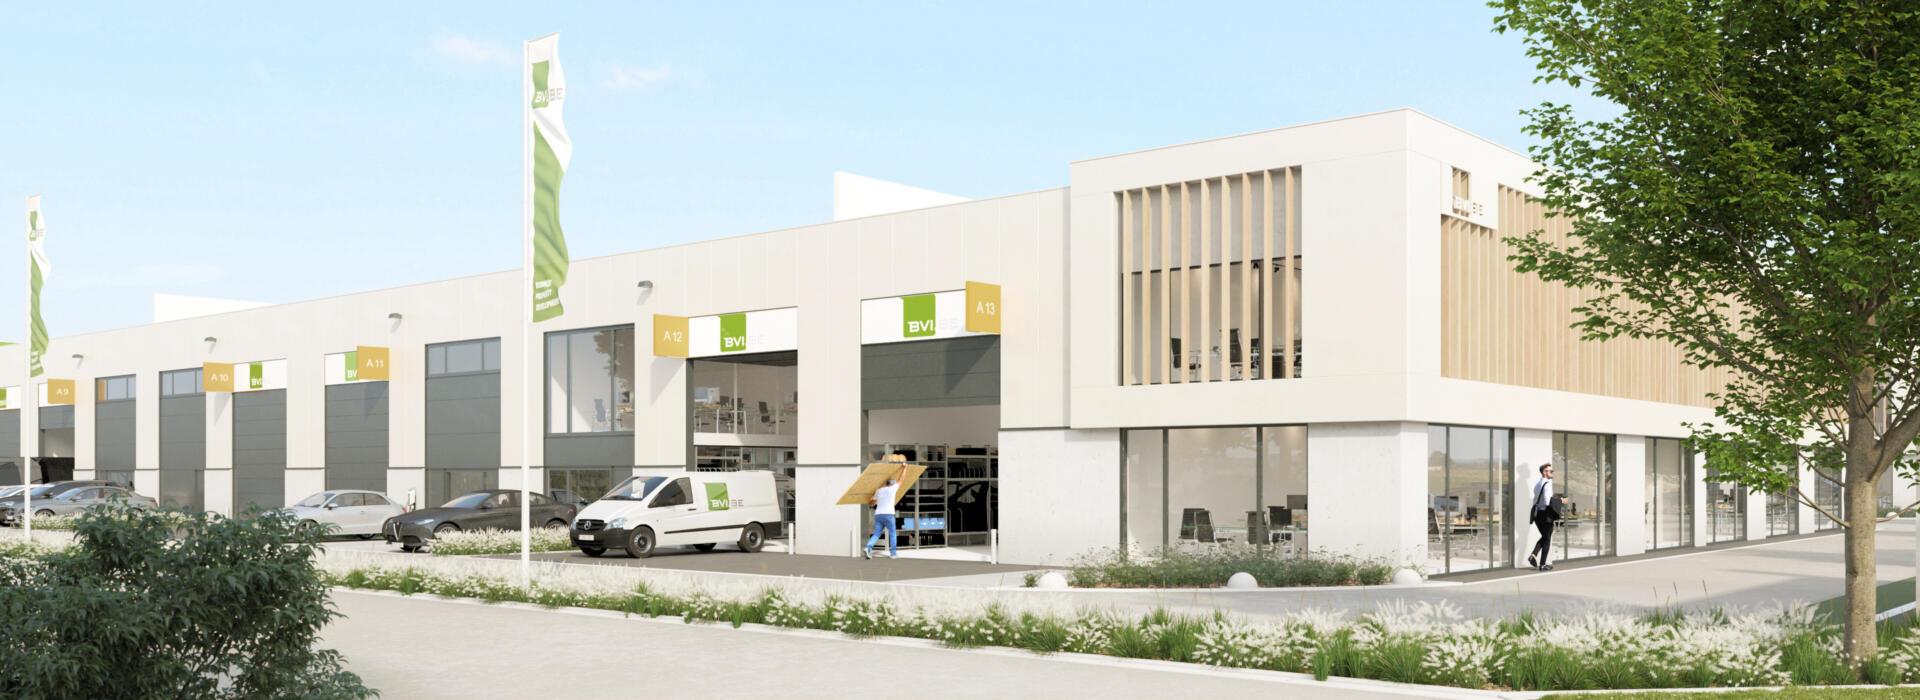 Webinar bedrijvenpark Assent in Bekkevoort | vrijdag 30 oktober van 15-16 uur